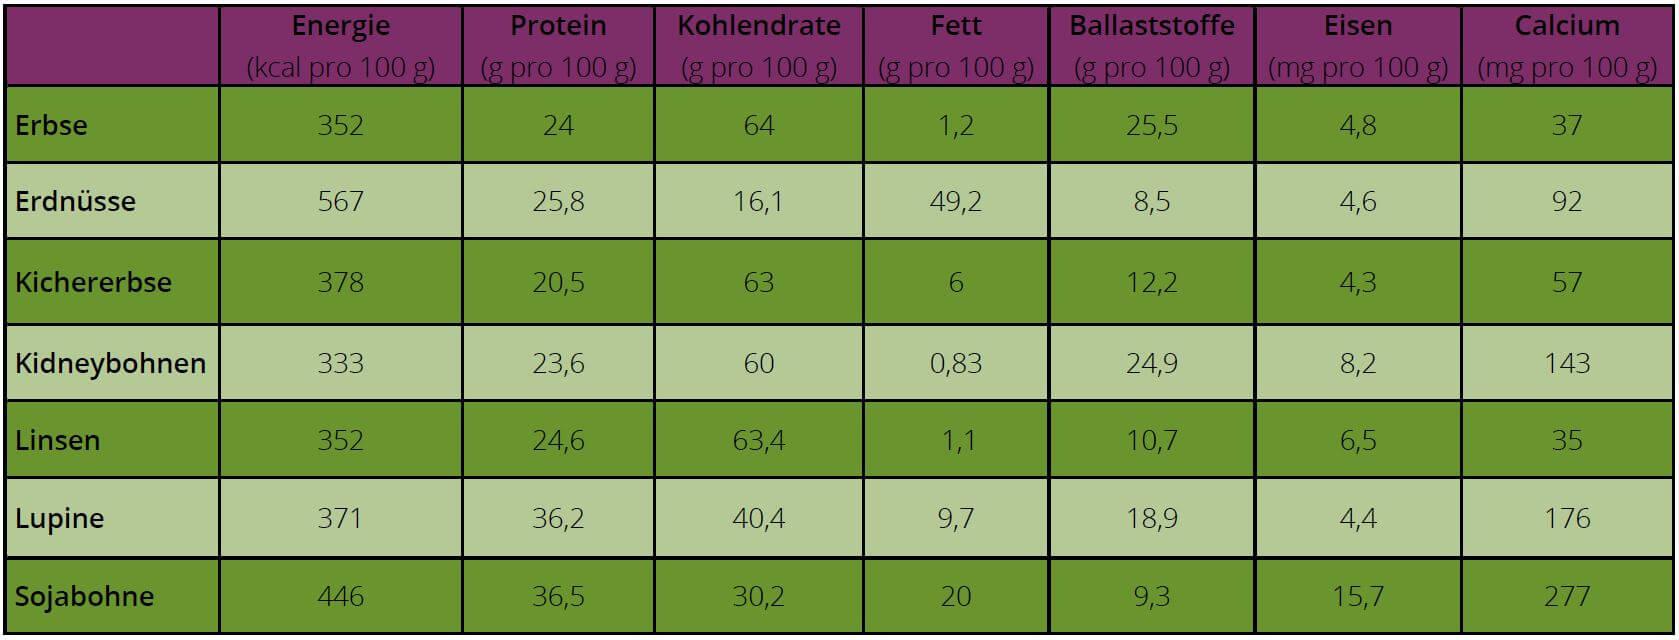 Soja-Hulsenfruchte_Beitragsbild